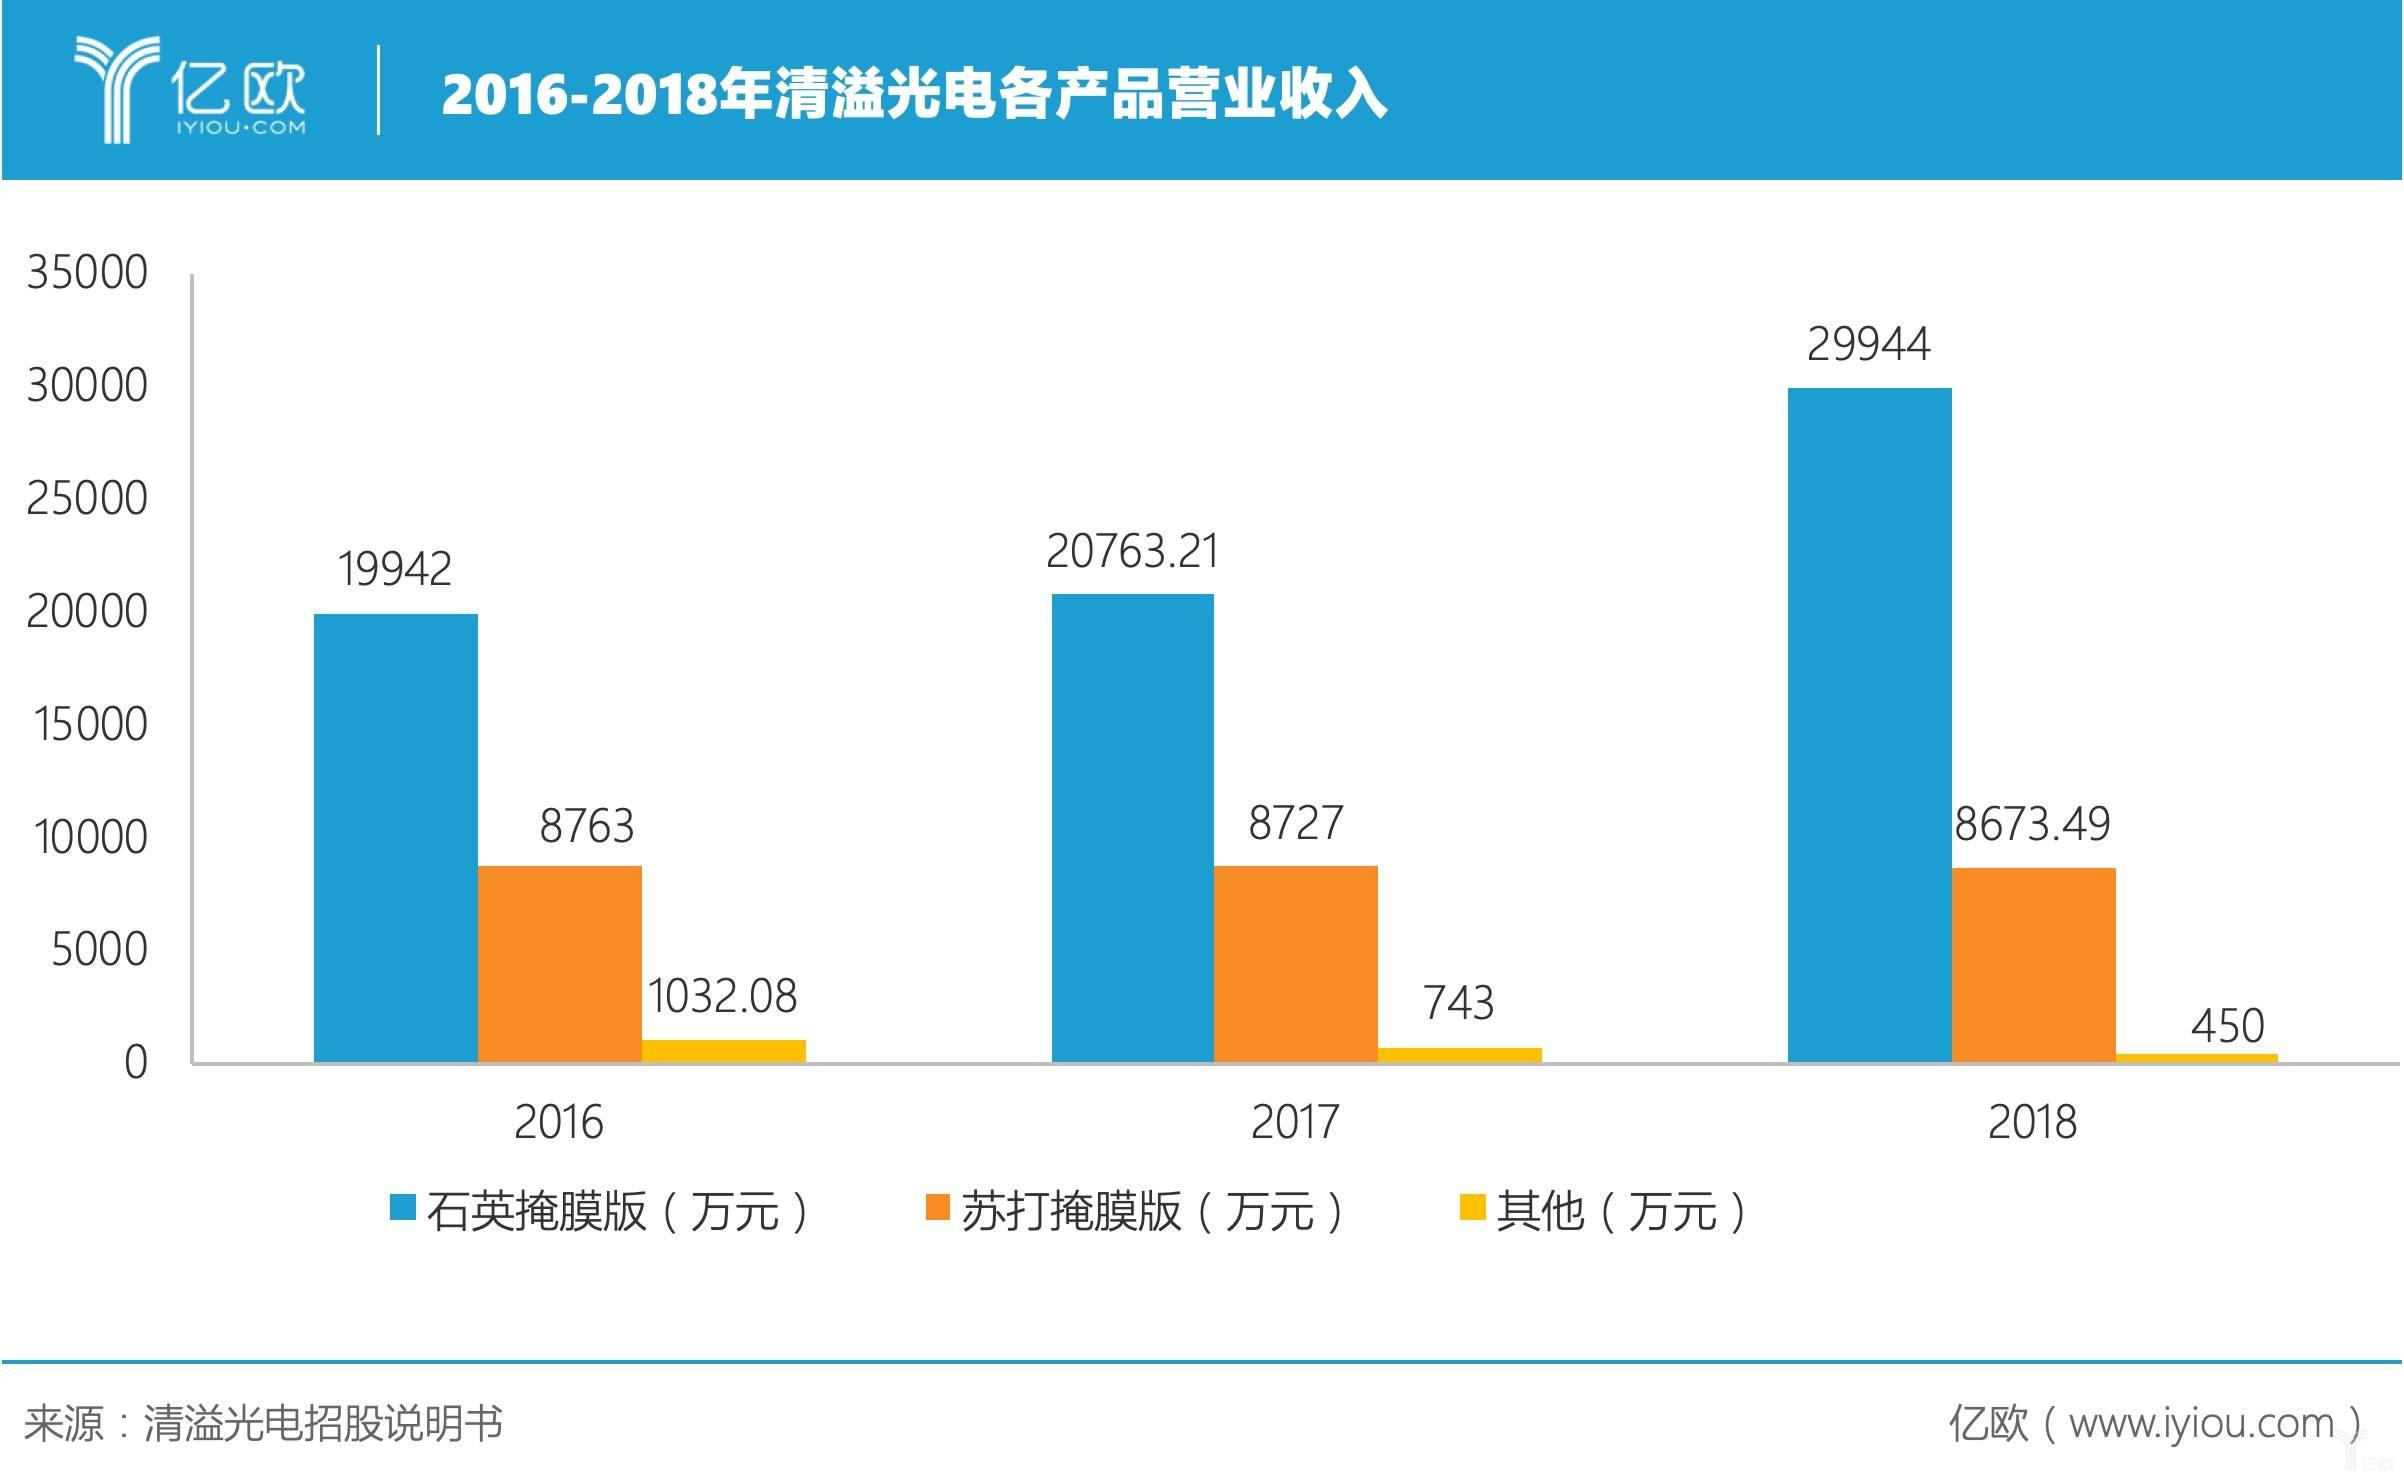 2016-2018年清溢光电各产品营业收入.jpeg